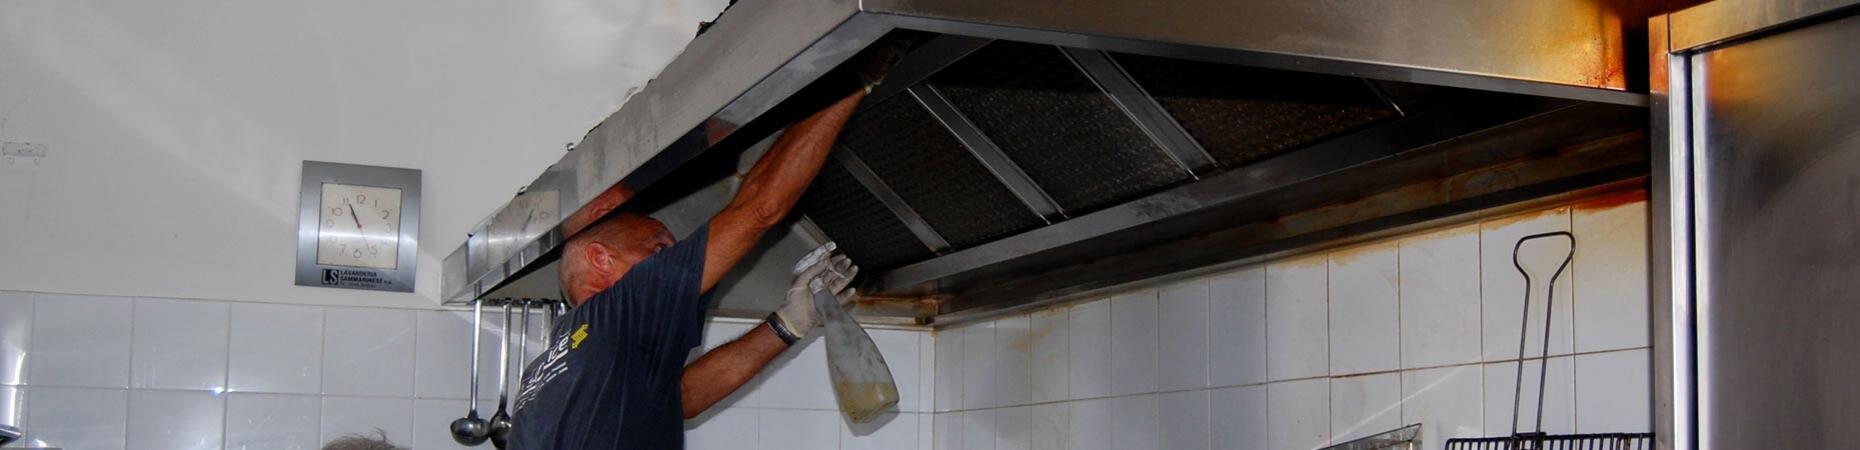 ecoservice-pesaro it sgrassaggio-cappe-e-condotti-aria-condizionata-pesaro 005